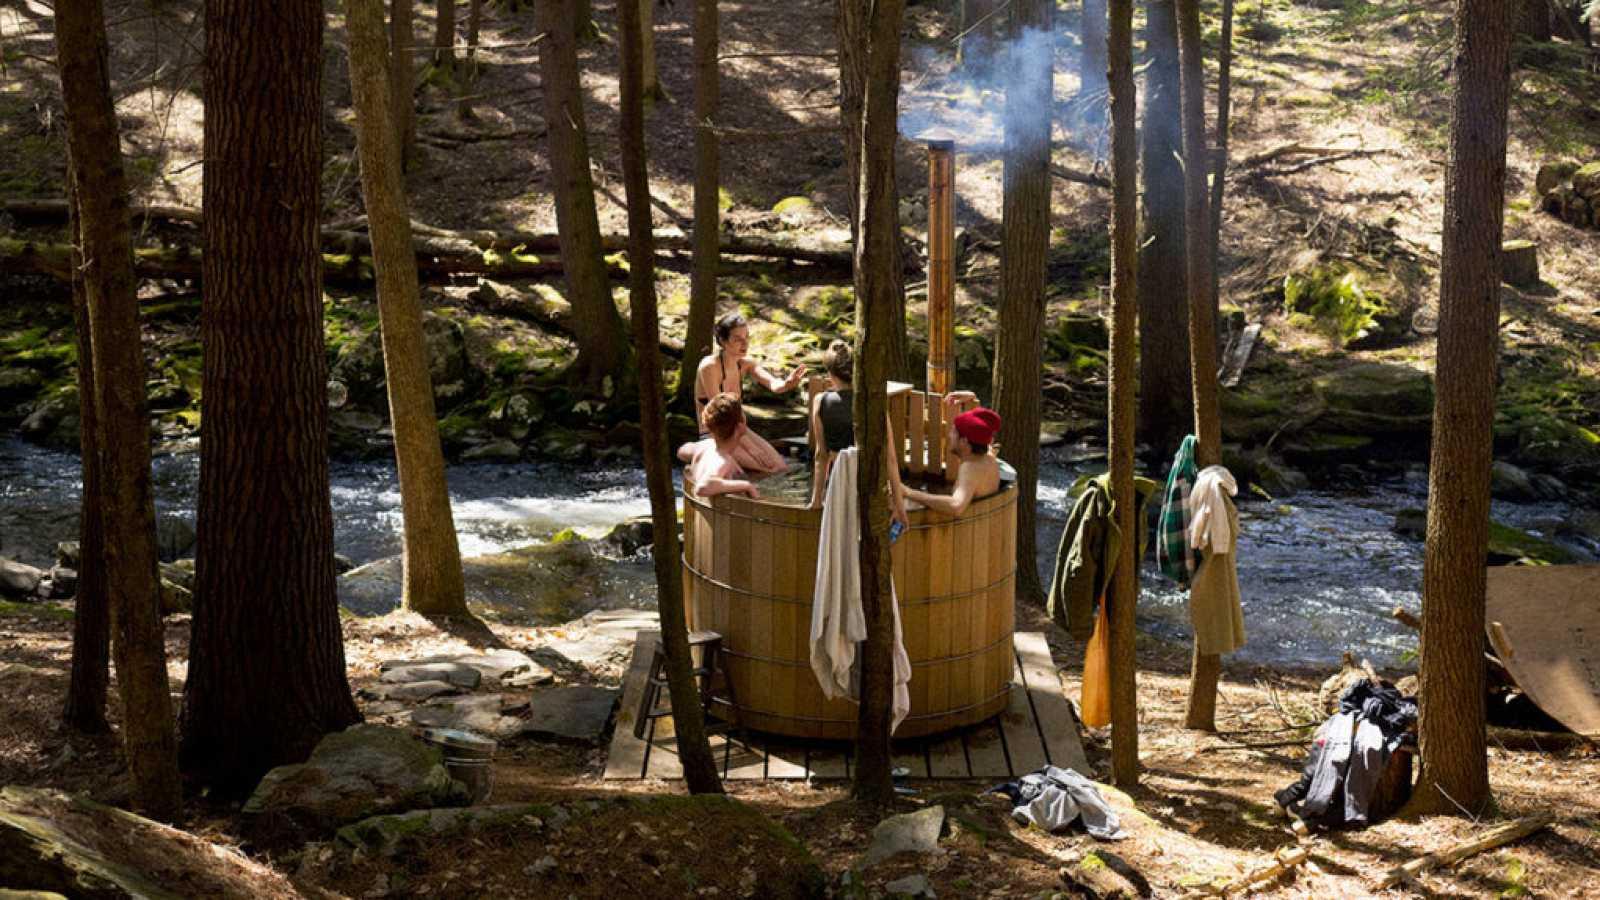 Artesfera - Ecovamos, ocio y turismo sostenible en españa - 01/09/17 - Escuchar ahora